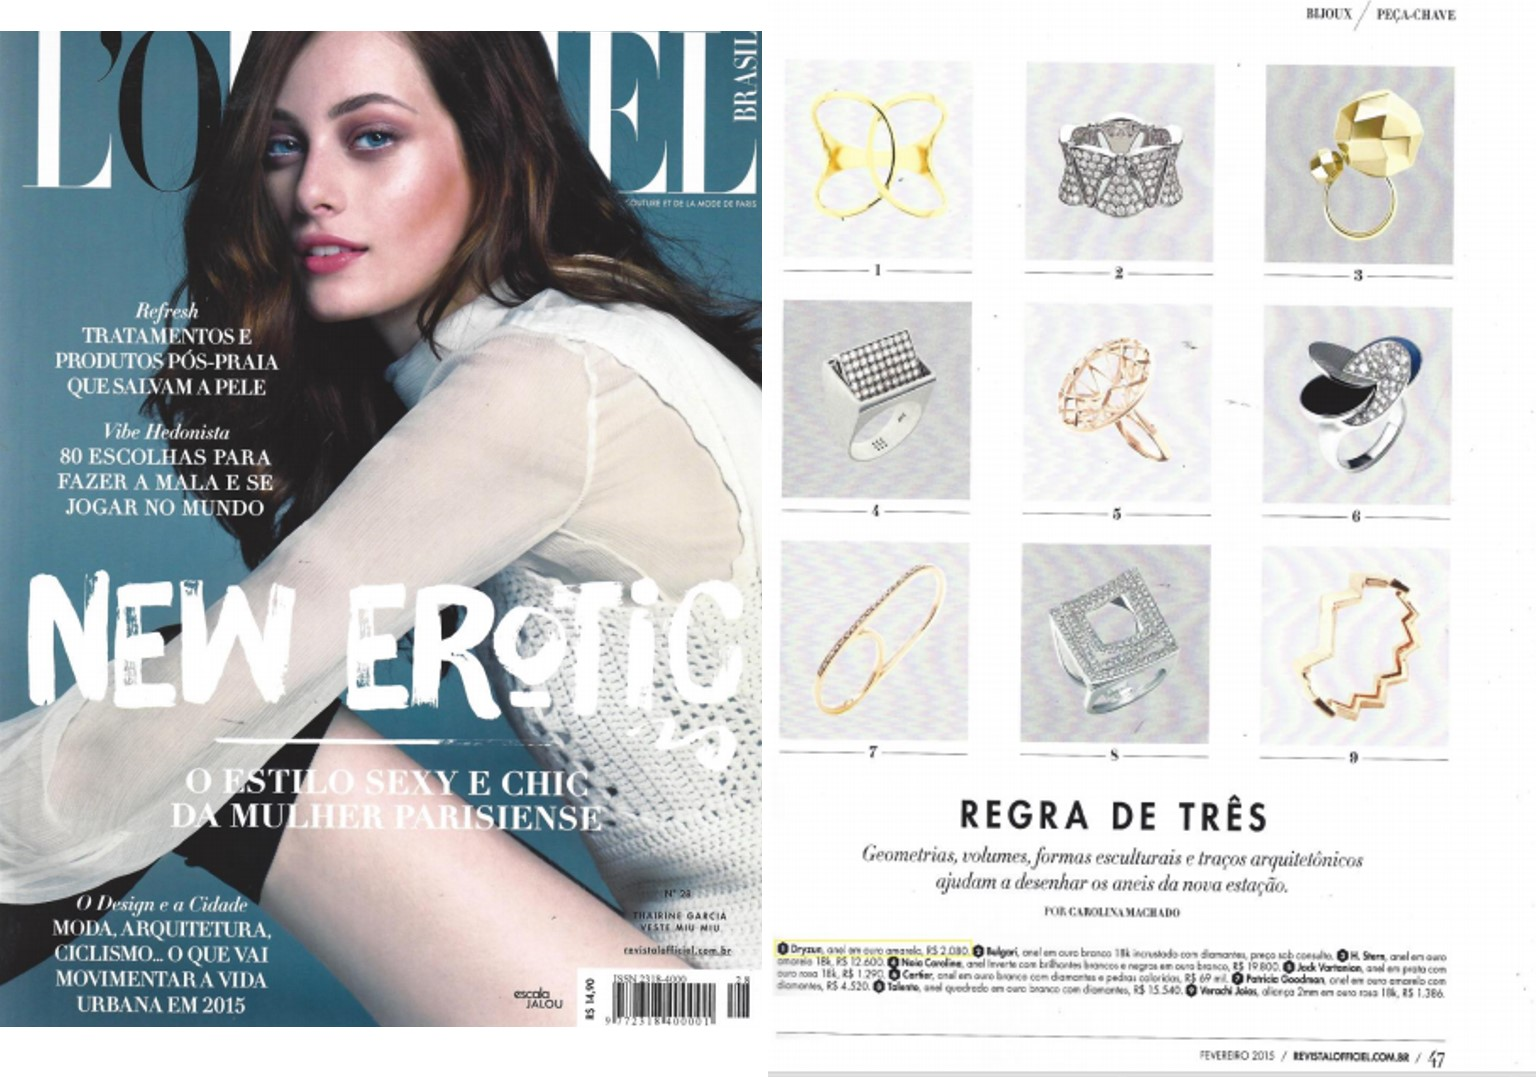 Fev 2015 | Revista L'officiel